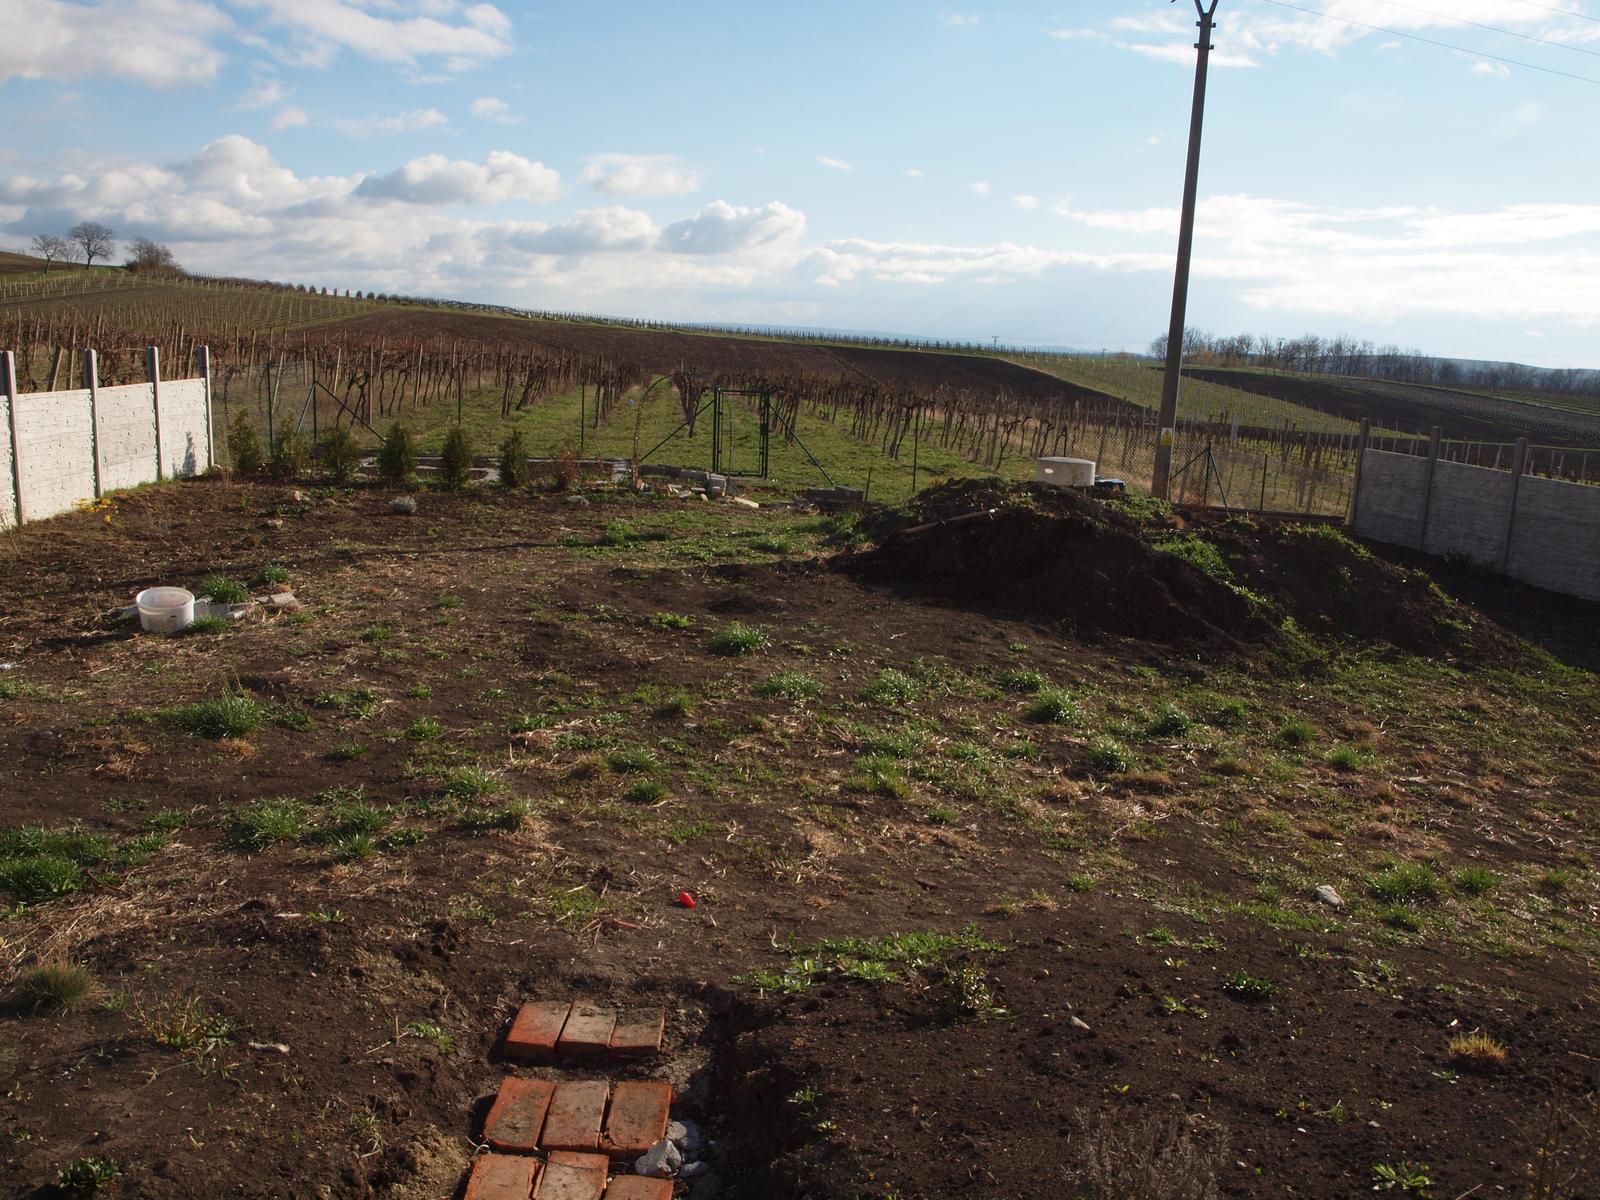 Zahrada - už zbývá jen malá fůra na rozhrnutí